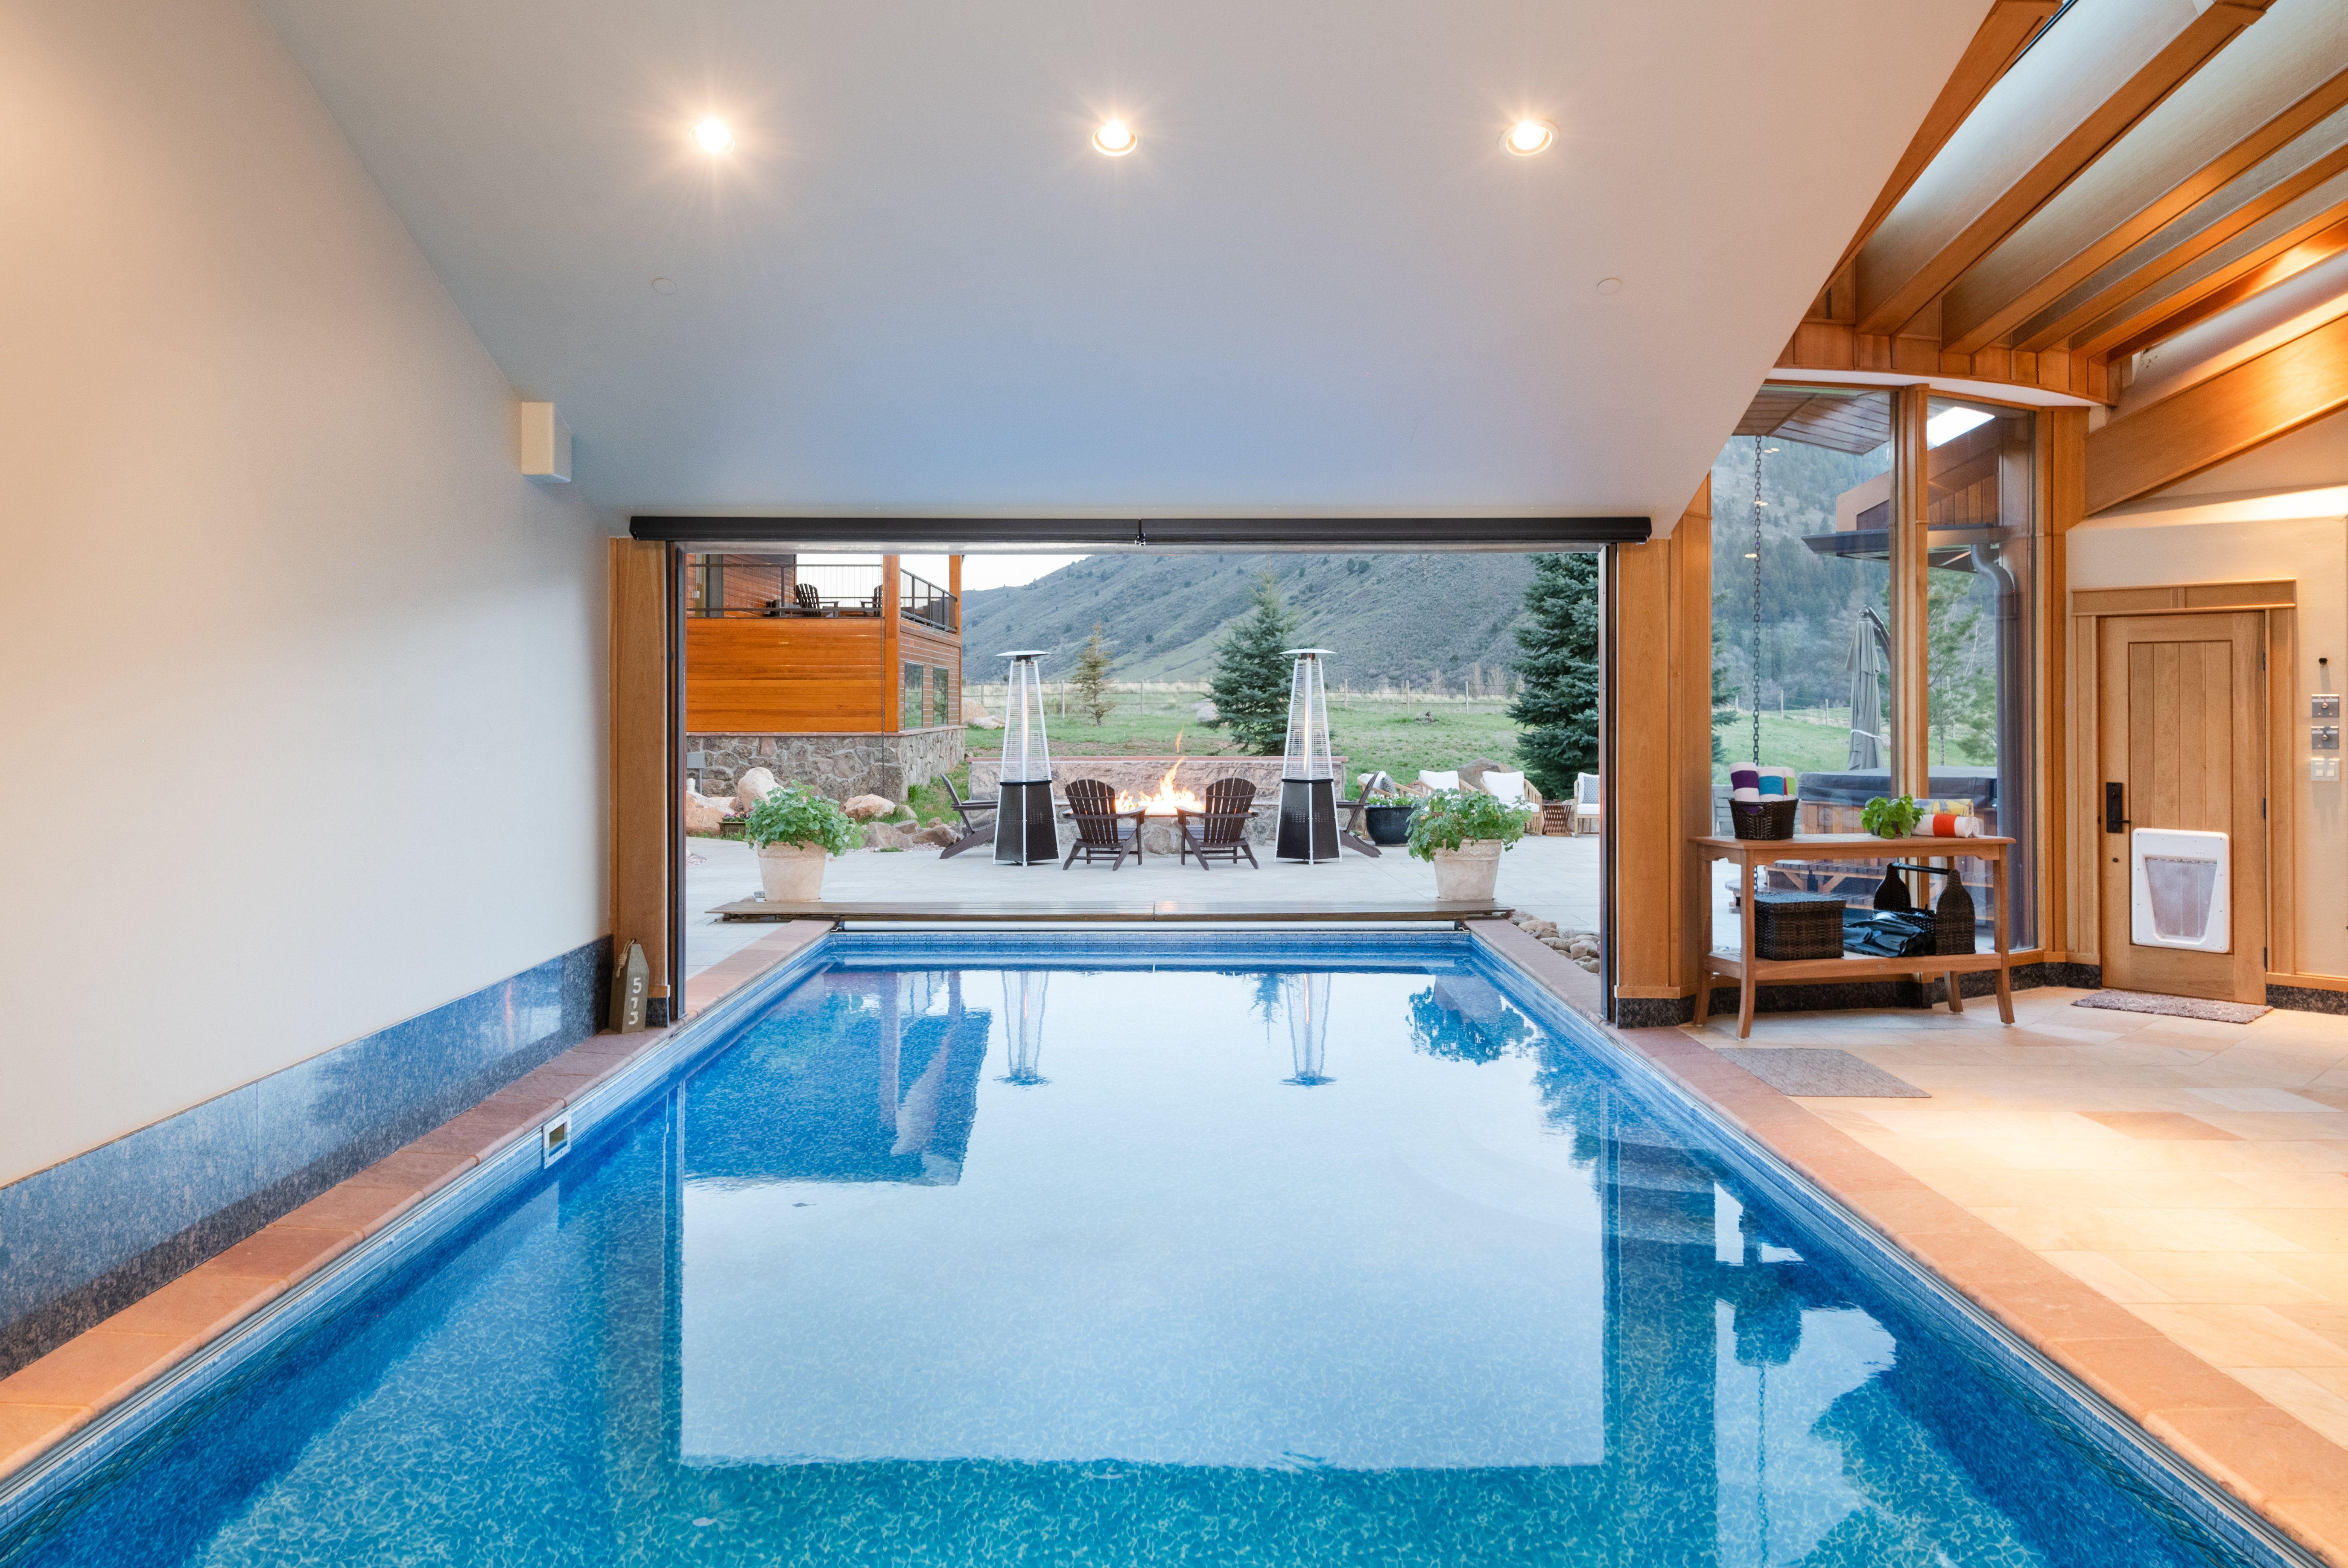 Colorado Mountain house on 35 acres asks $7M pool